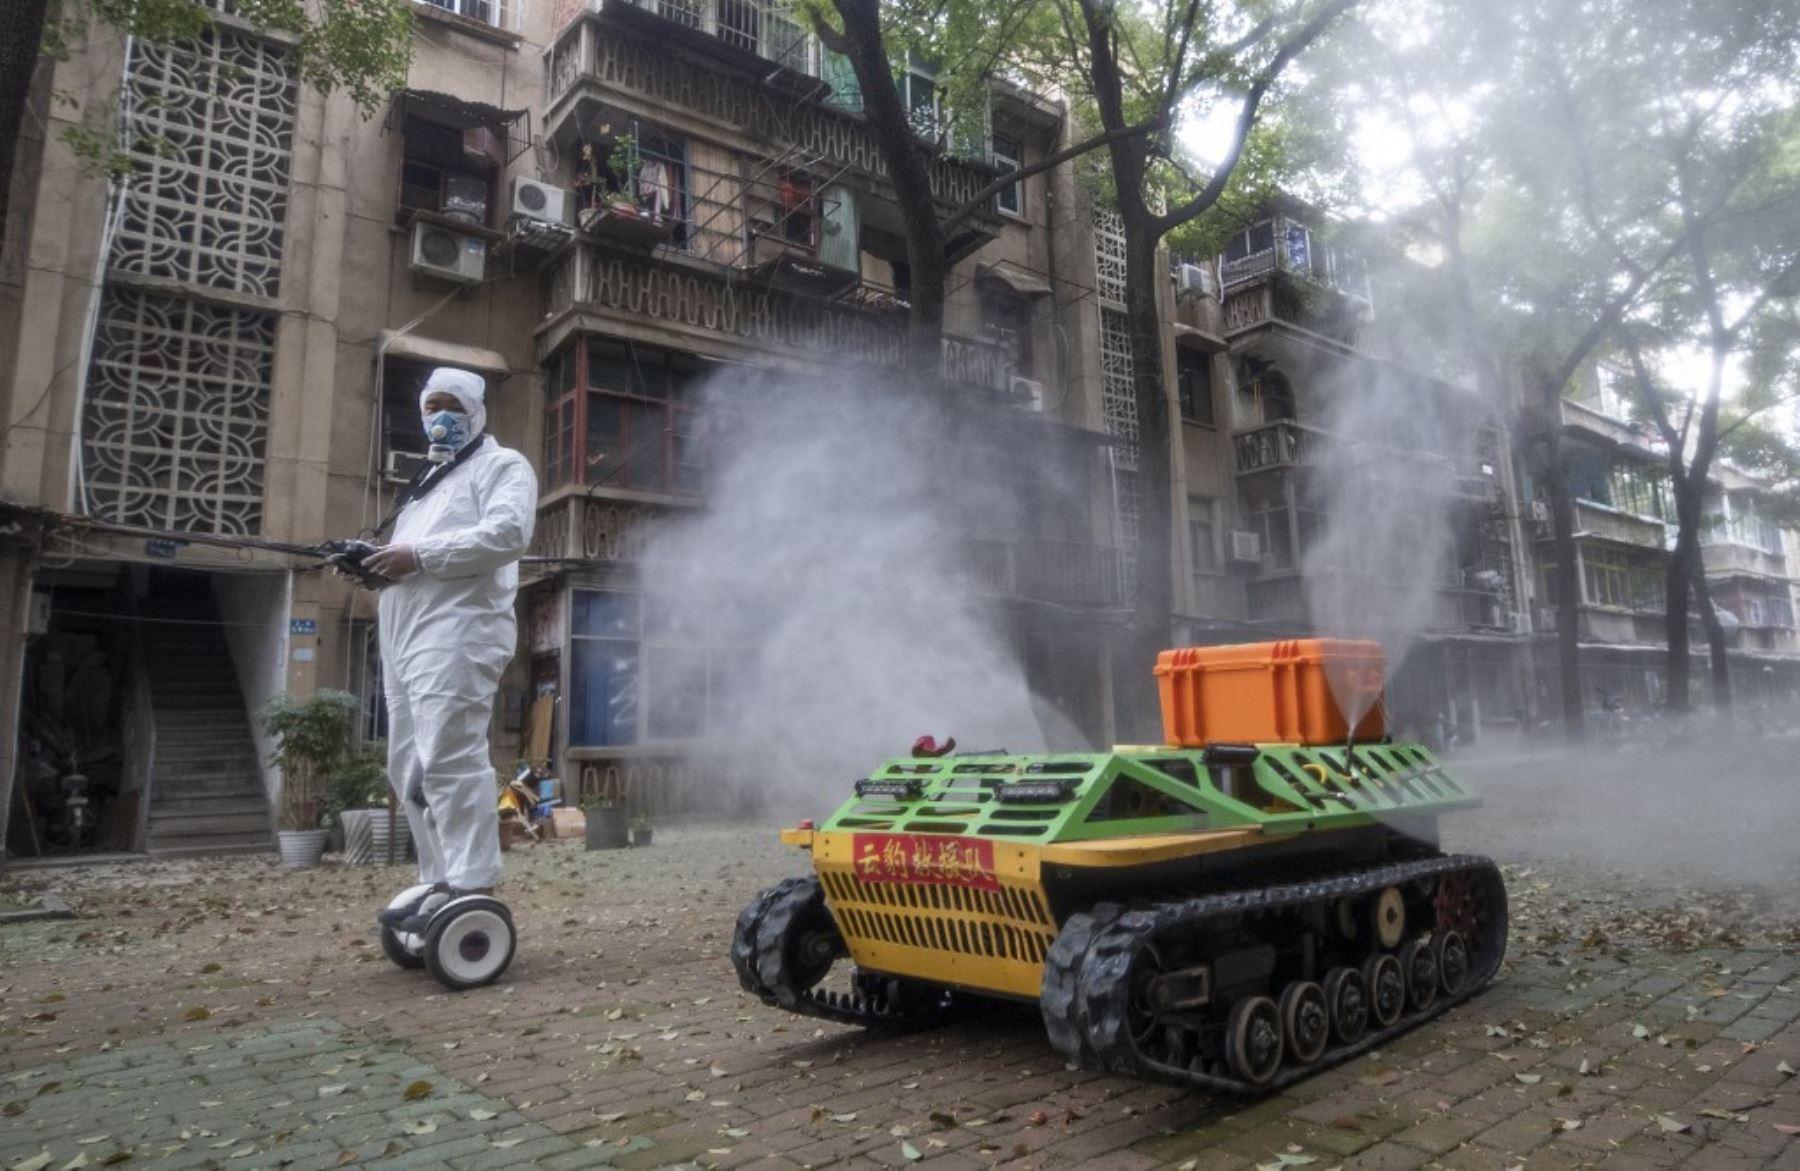 Un voluntario opera un robot de desinfección controlado a distancia para desinfectar un área residencial en medio del brote de coronavirus COVID-19 en Wuhan. Foto: AFP